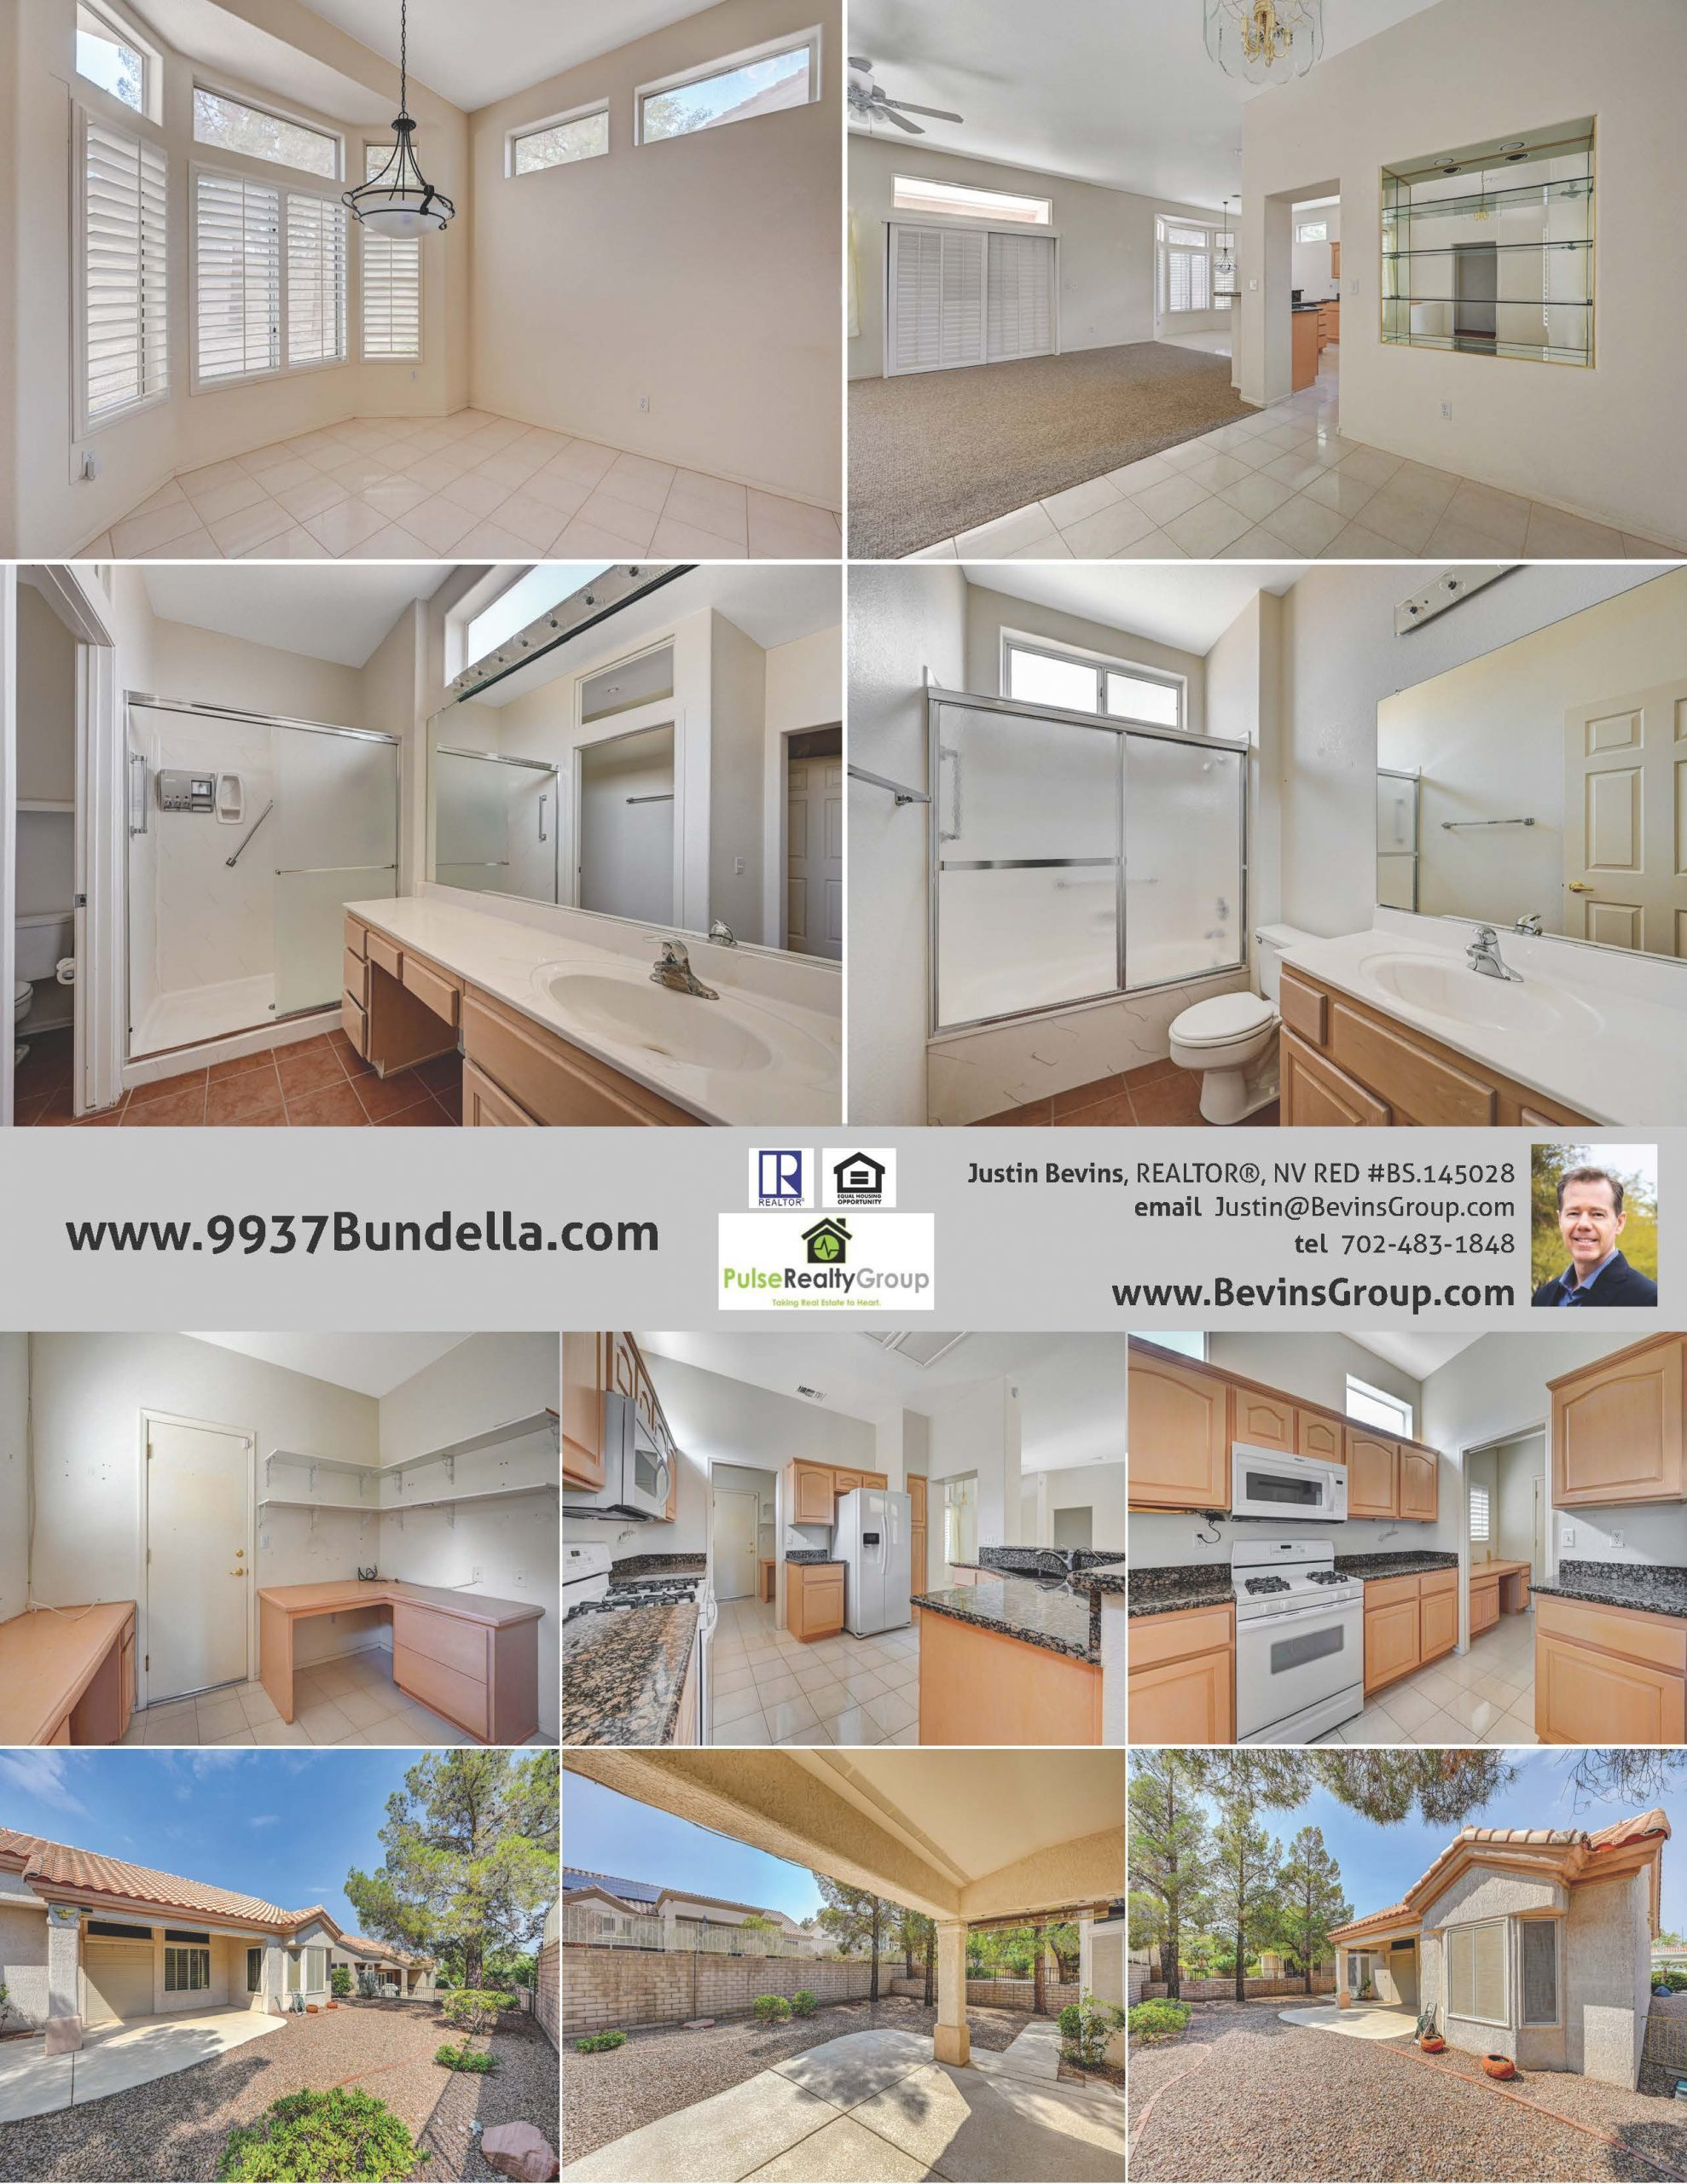 9937 Bundella Dr Property Flyer Page 2